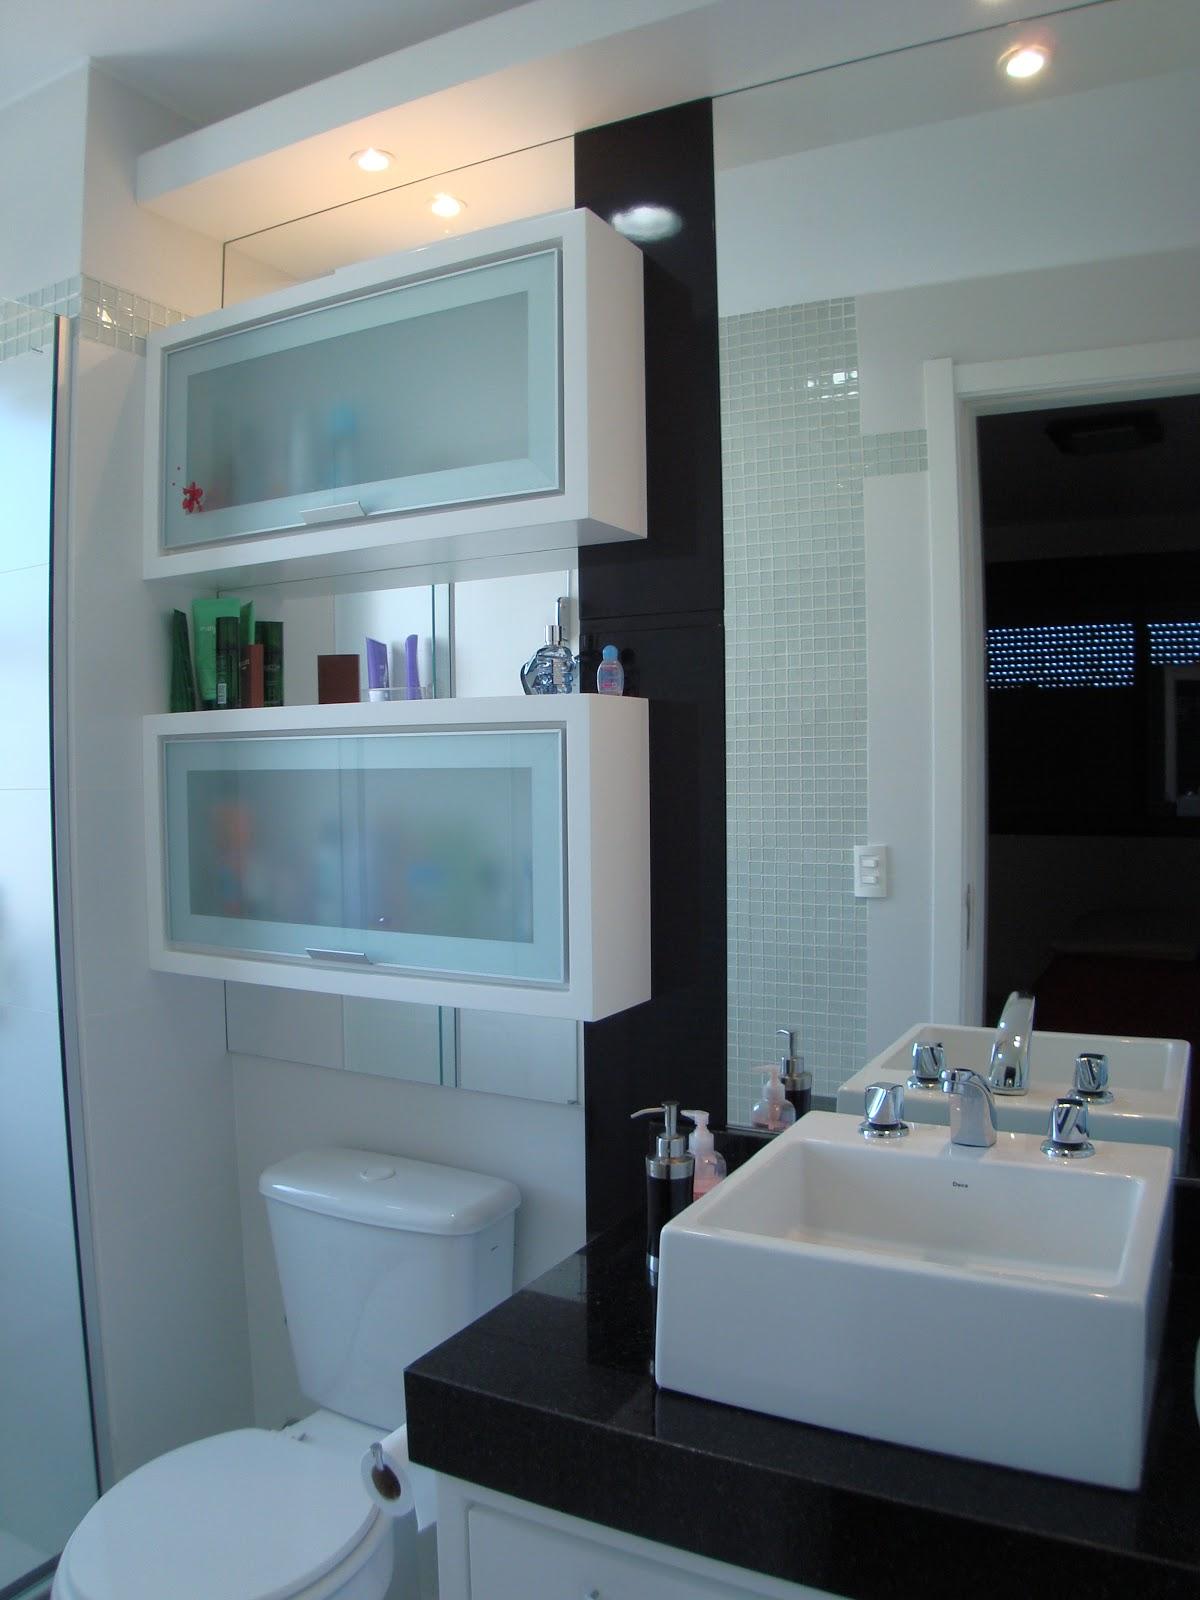 Imagens de #826A49 Andréa Pereira Interiores: Banheiros 1200x1600 px 2358 Box De Vidro Banheiro Porto Alegre